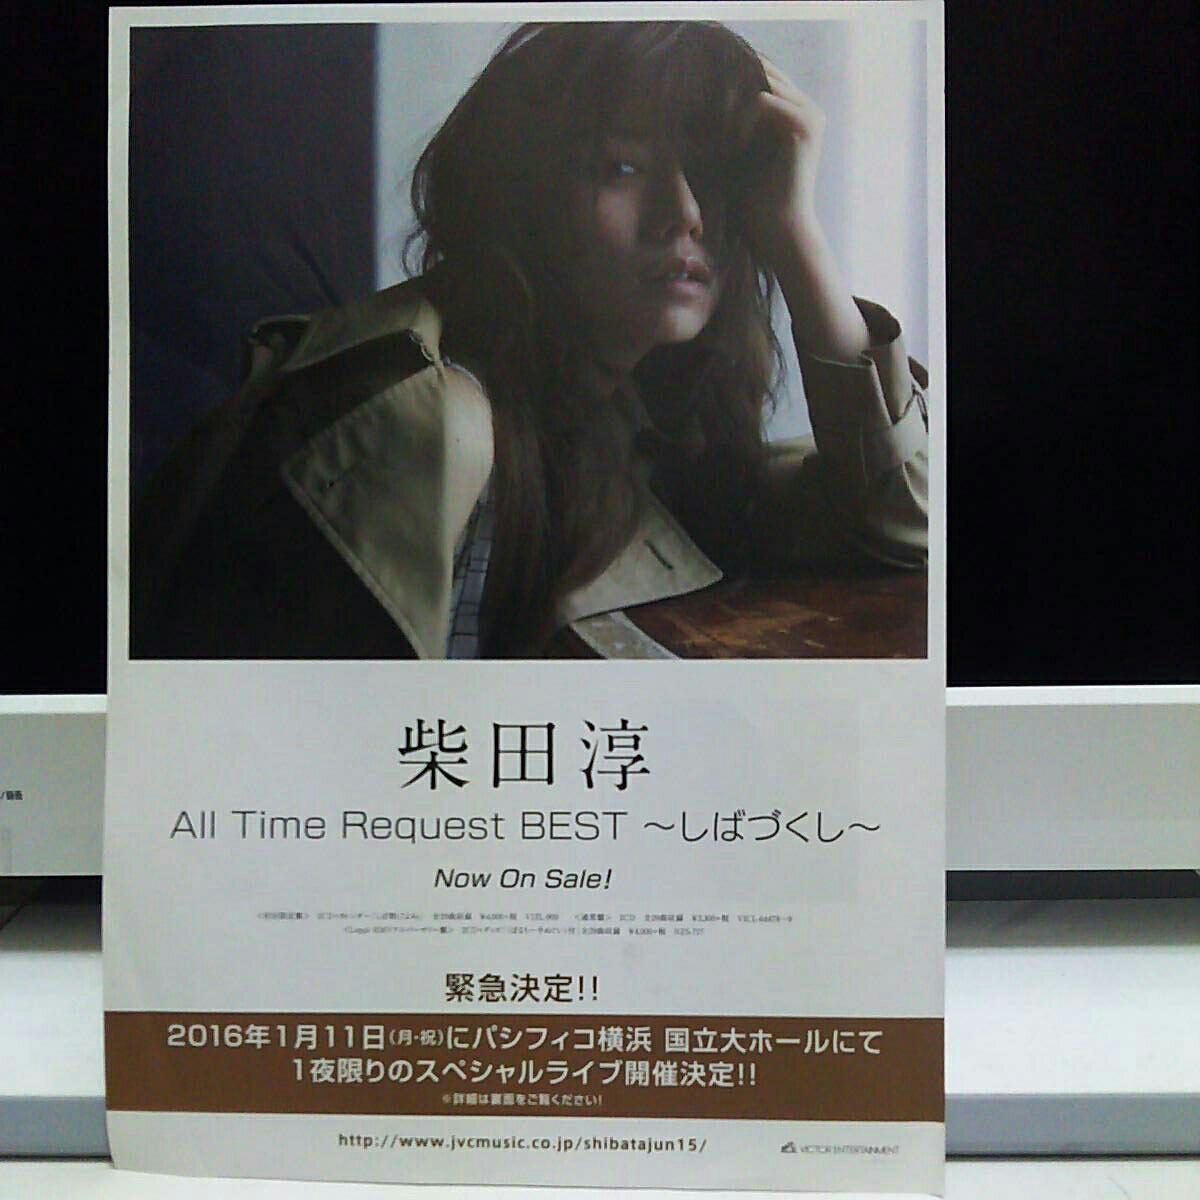 柴田淳CD発売告知チラシ2枚組